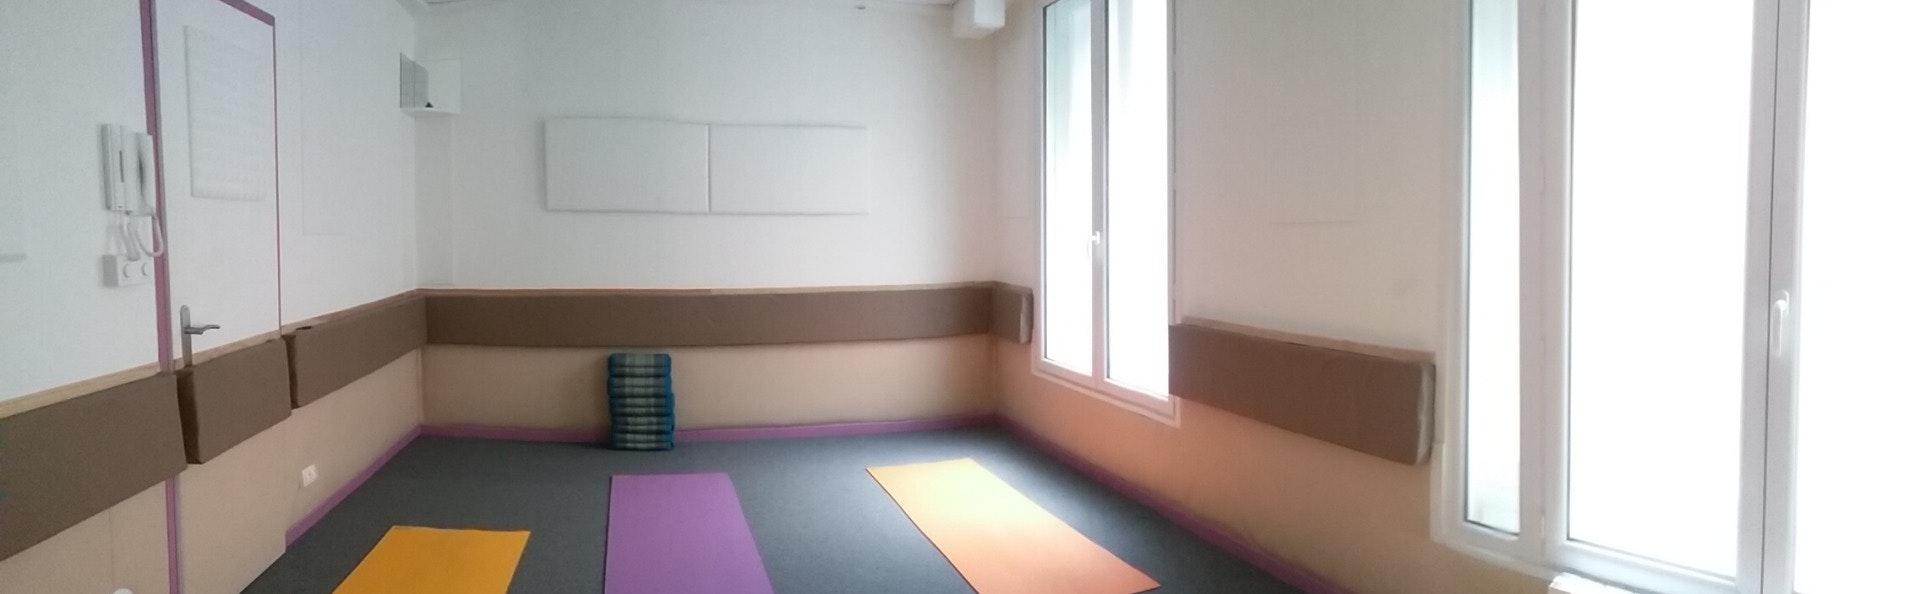 Photo 1 Les meilleurs tarifs  et activités pour le centre Darshan yoga Paris